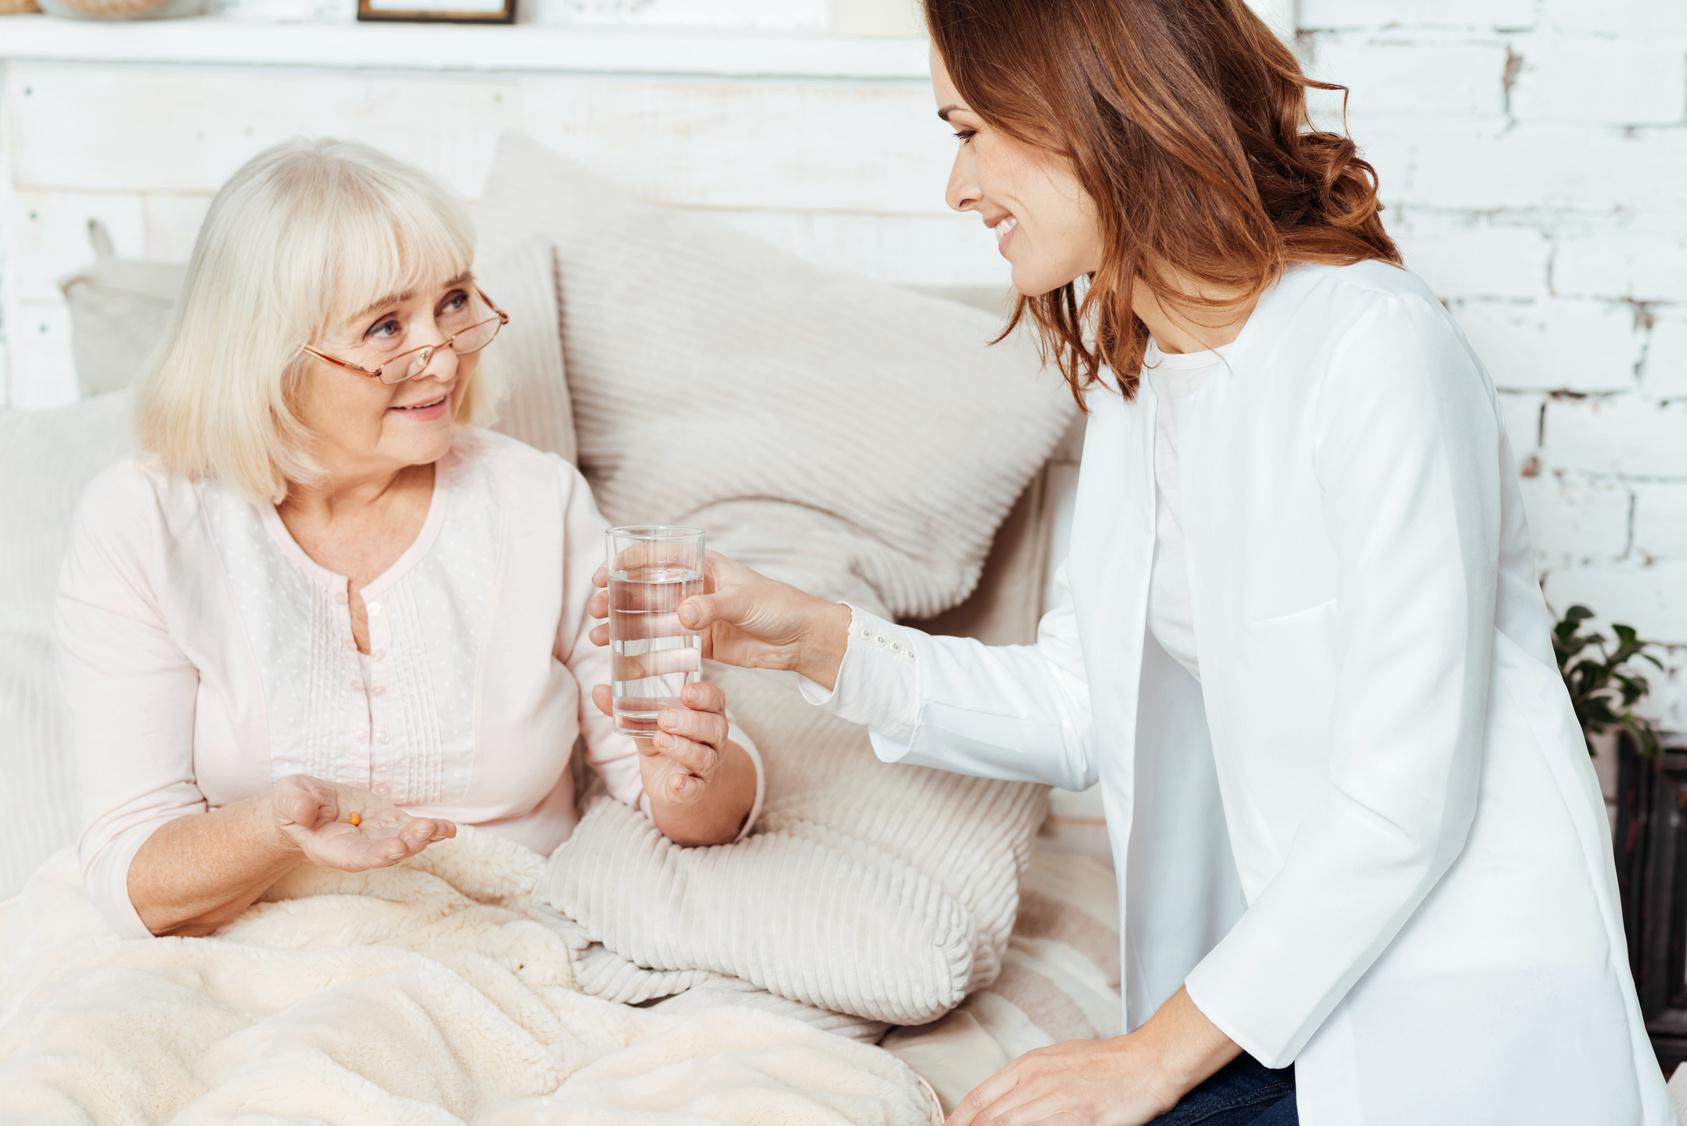 intensivpflegedienst schwerpunkte leben f r leben ihr pflegedienst f r beatmungspflege und. Black Bedroom Furniture Sets. Home Design Ideas